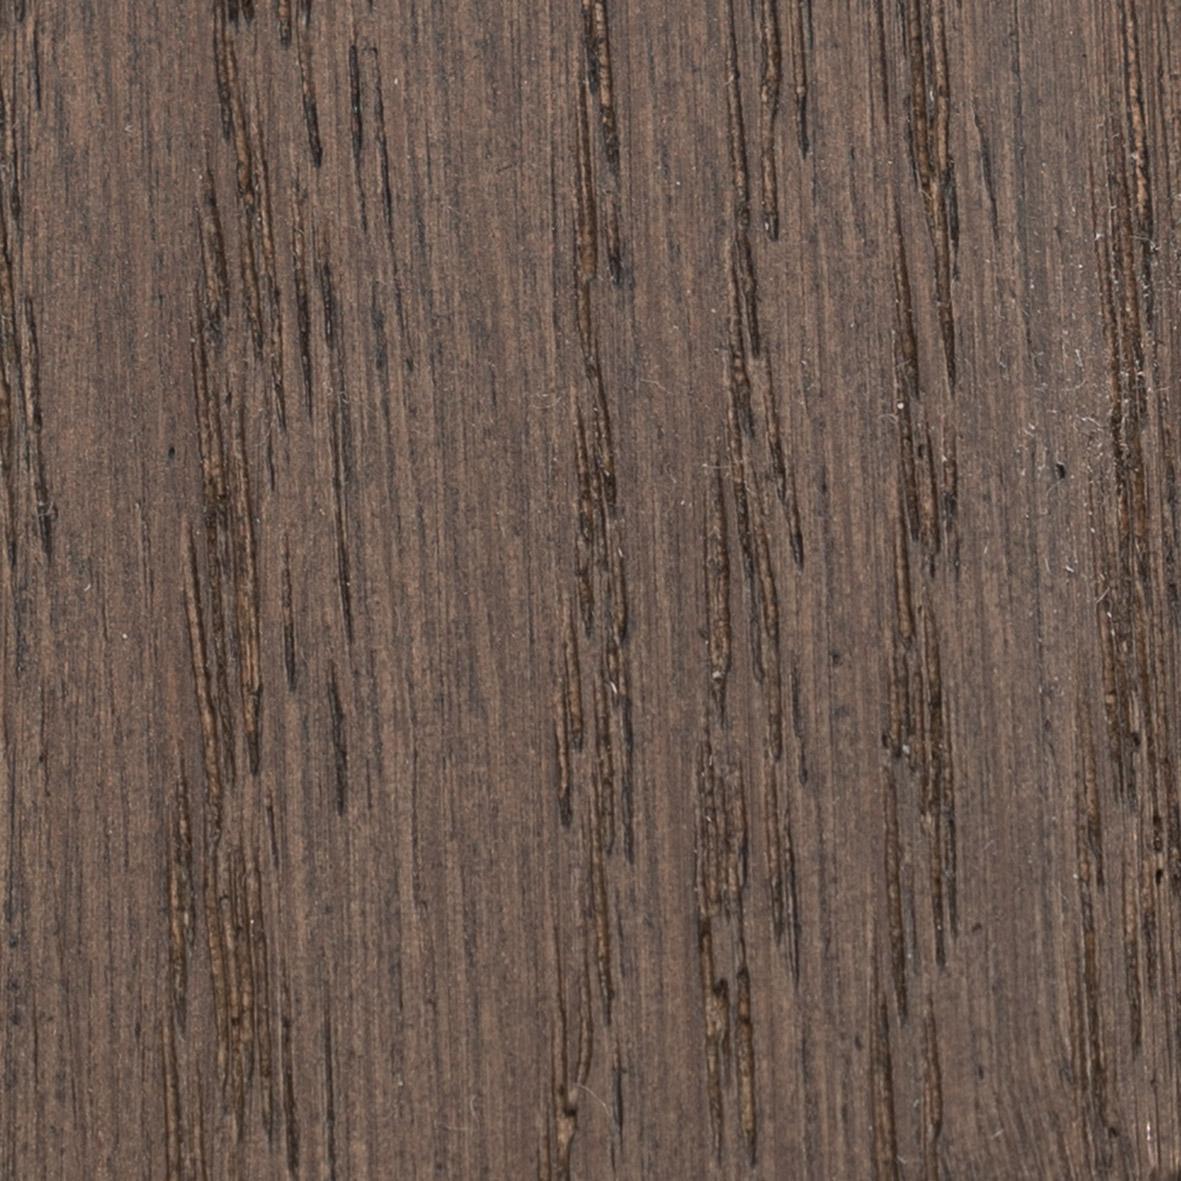 Brushed Mink Colour Oak